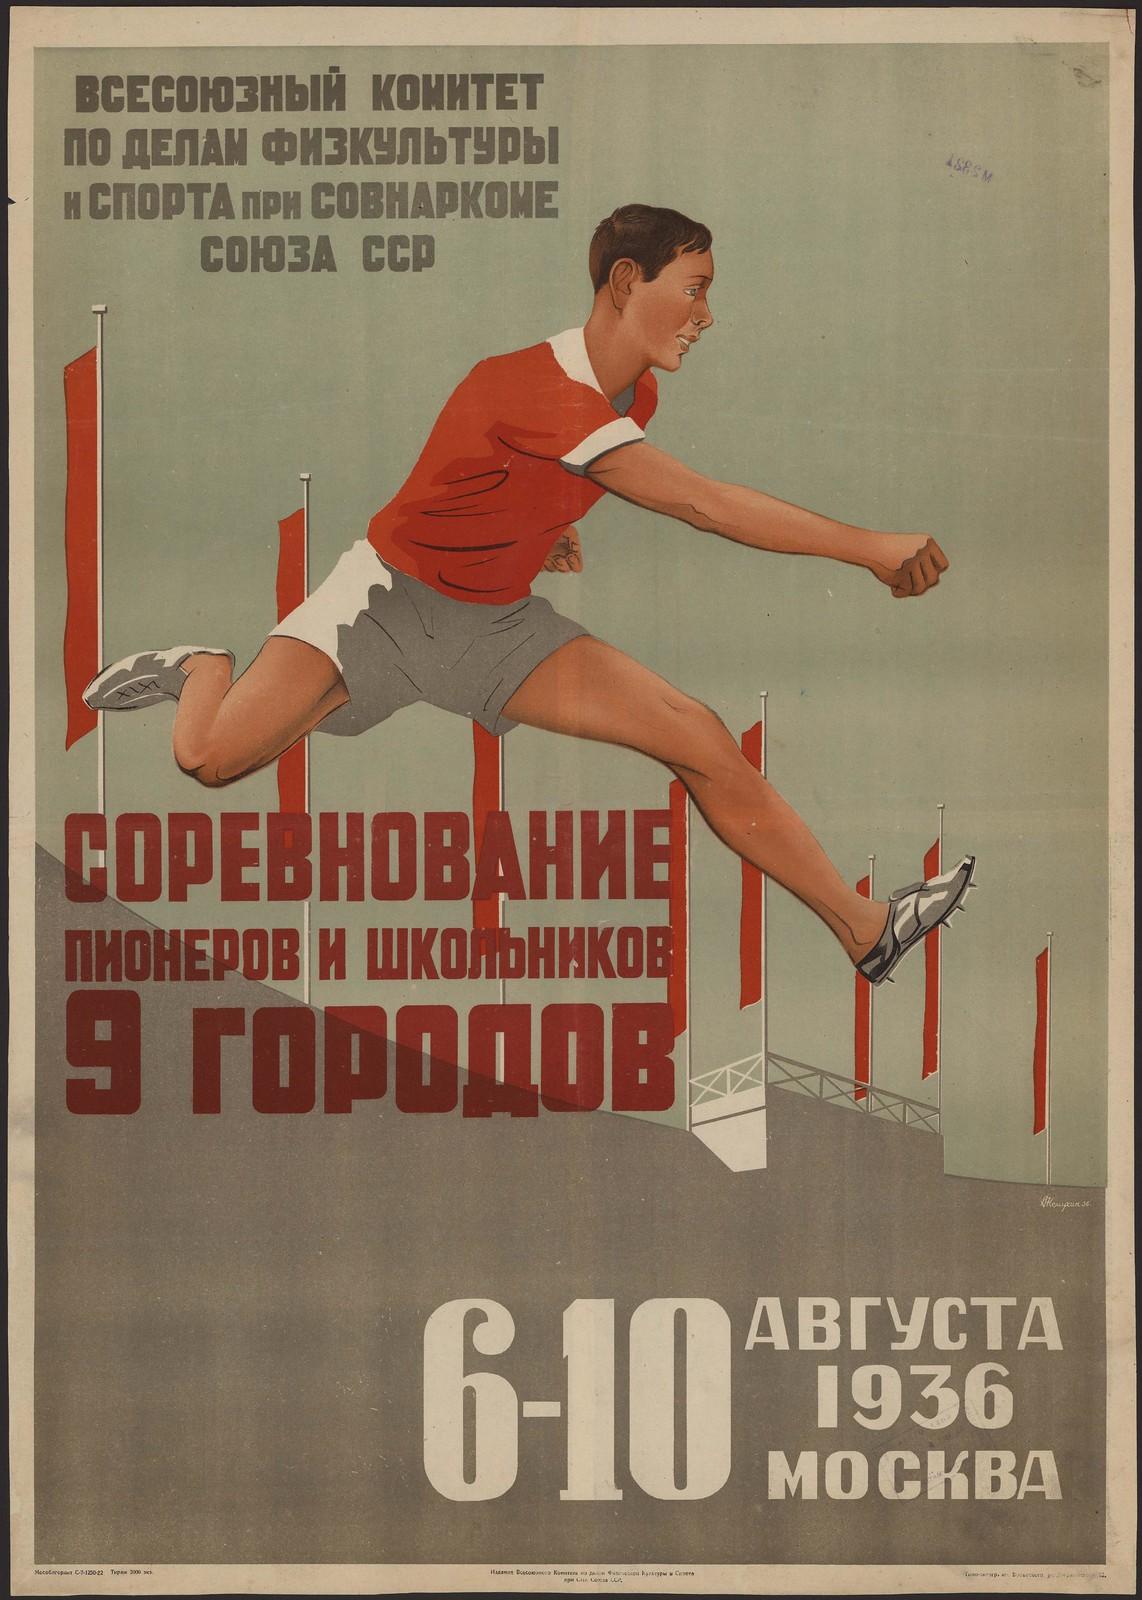 1936. Соревнование пионеров и школьников 9 городов